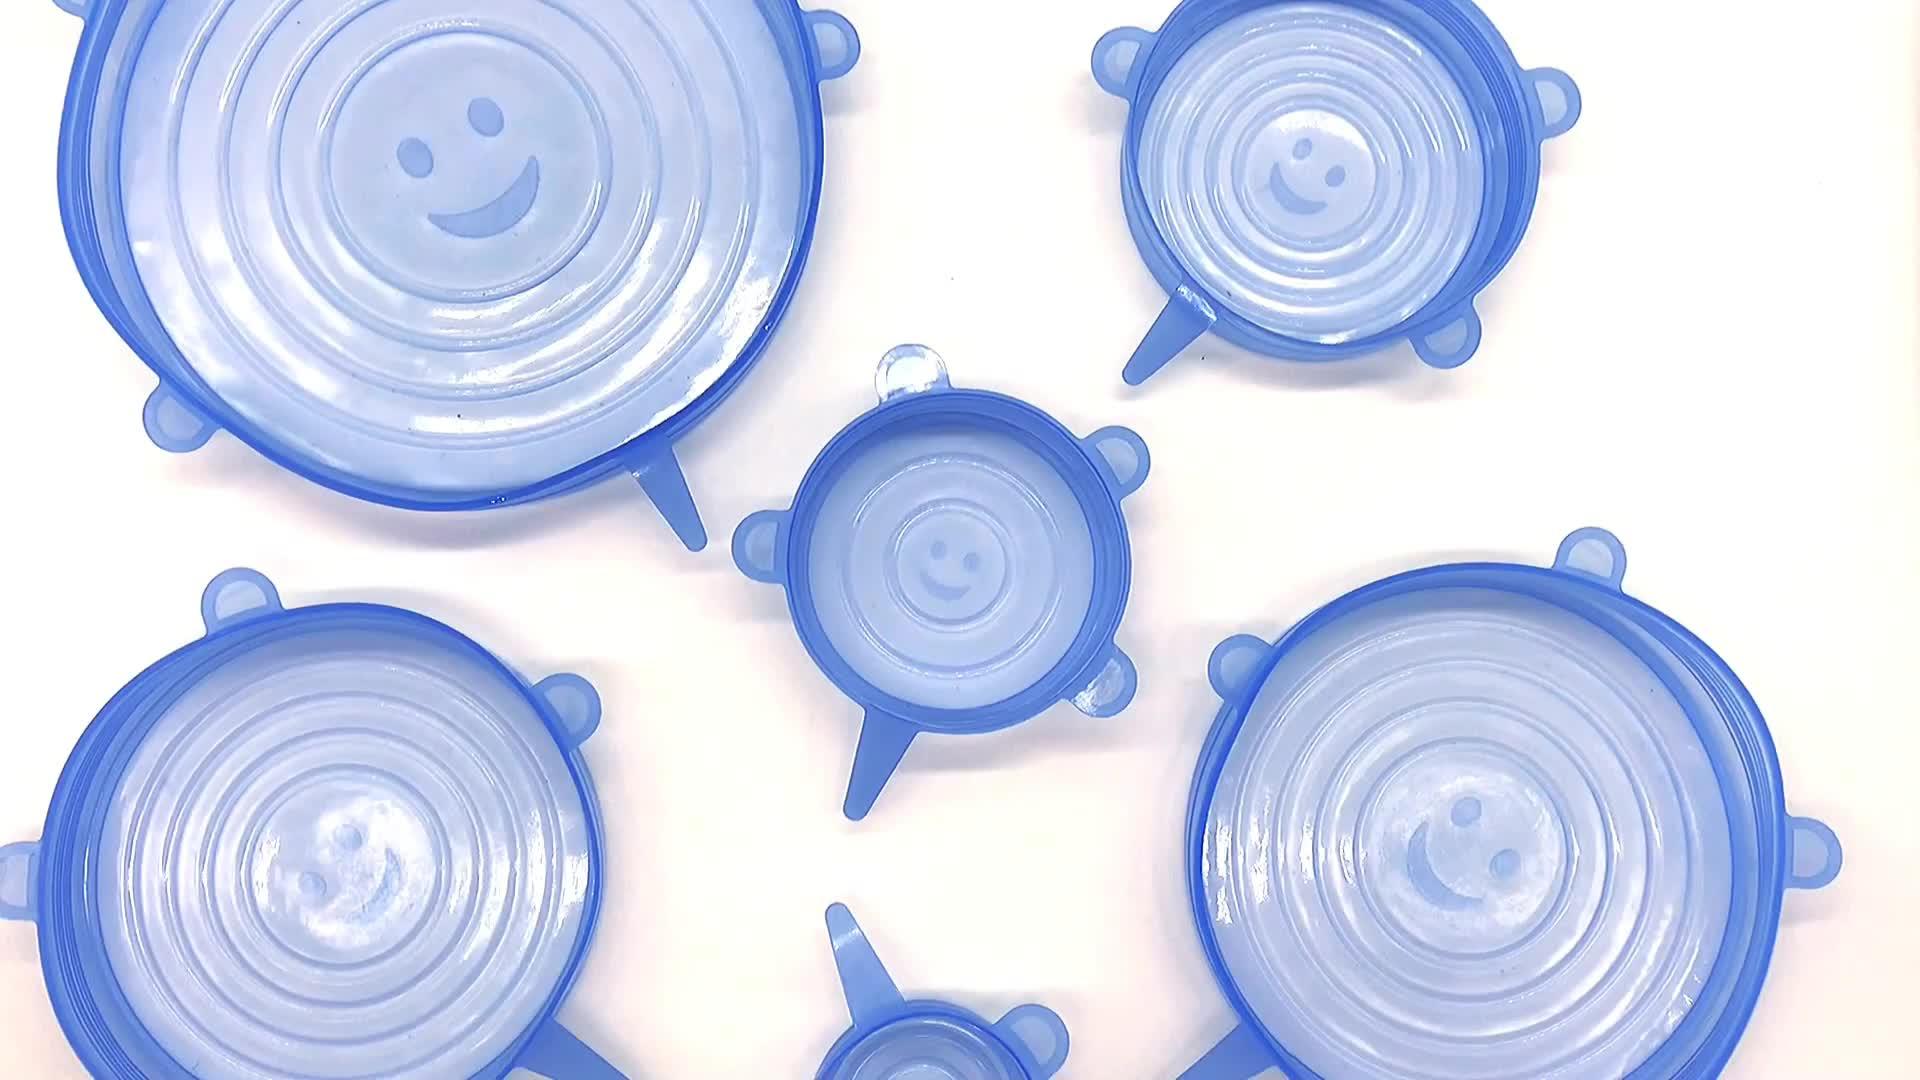 Gıda sınıfı 6.5 cm, 9.5 cm, 11.5 cm, 14.5 cm, 16.5 cm, 20.5 cm yeniden kullanılabilir 6 paket adet silikon streç kapaklar